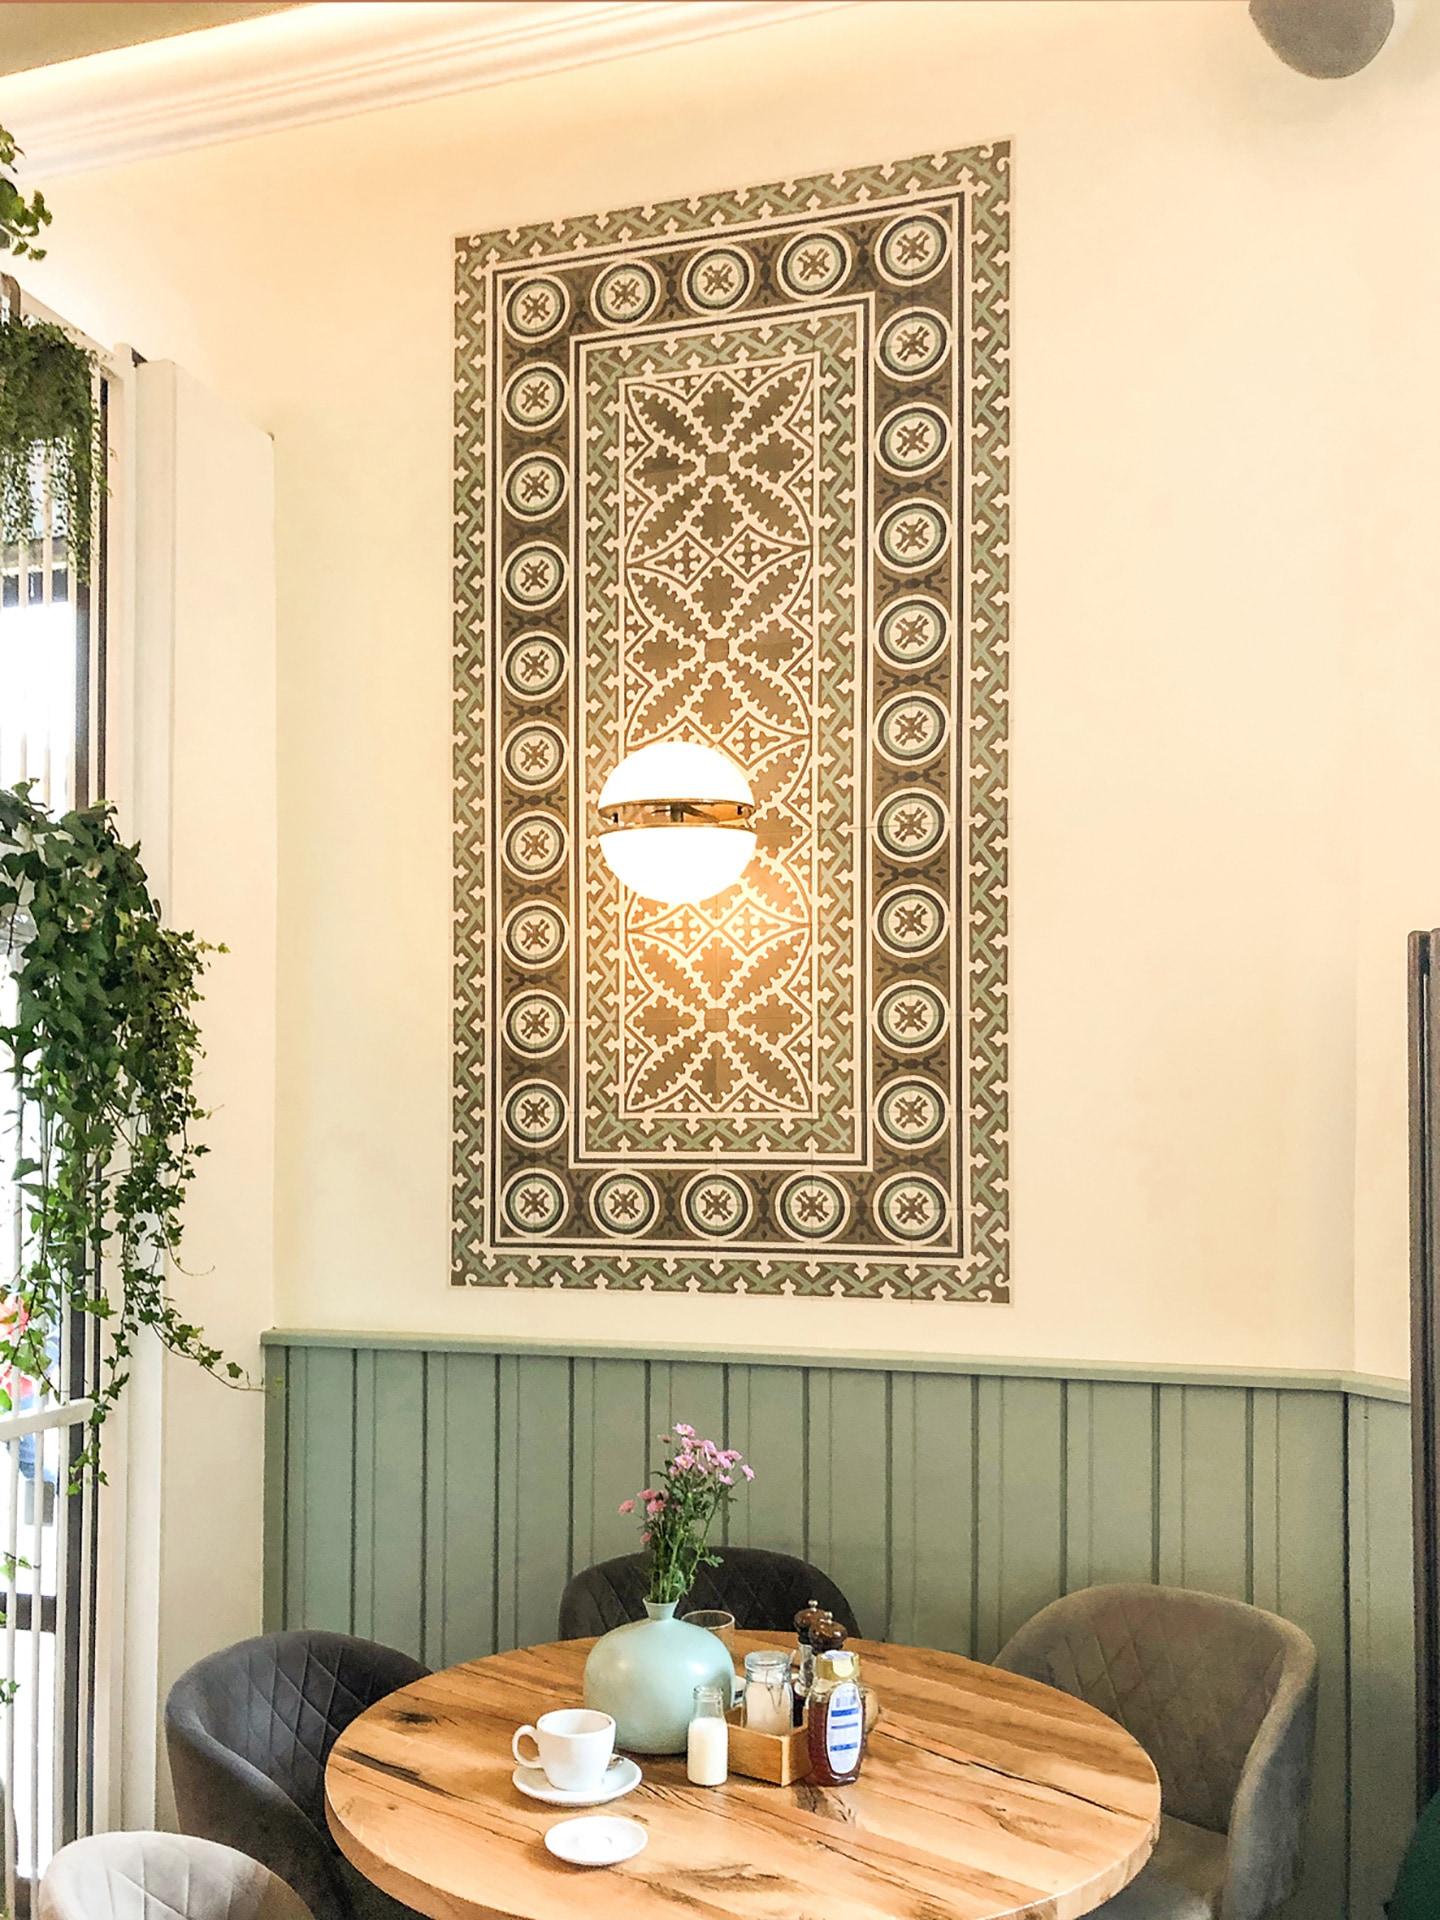 VIA Zementfliesen N° 17354 an der Wand auf weißem Grund